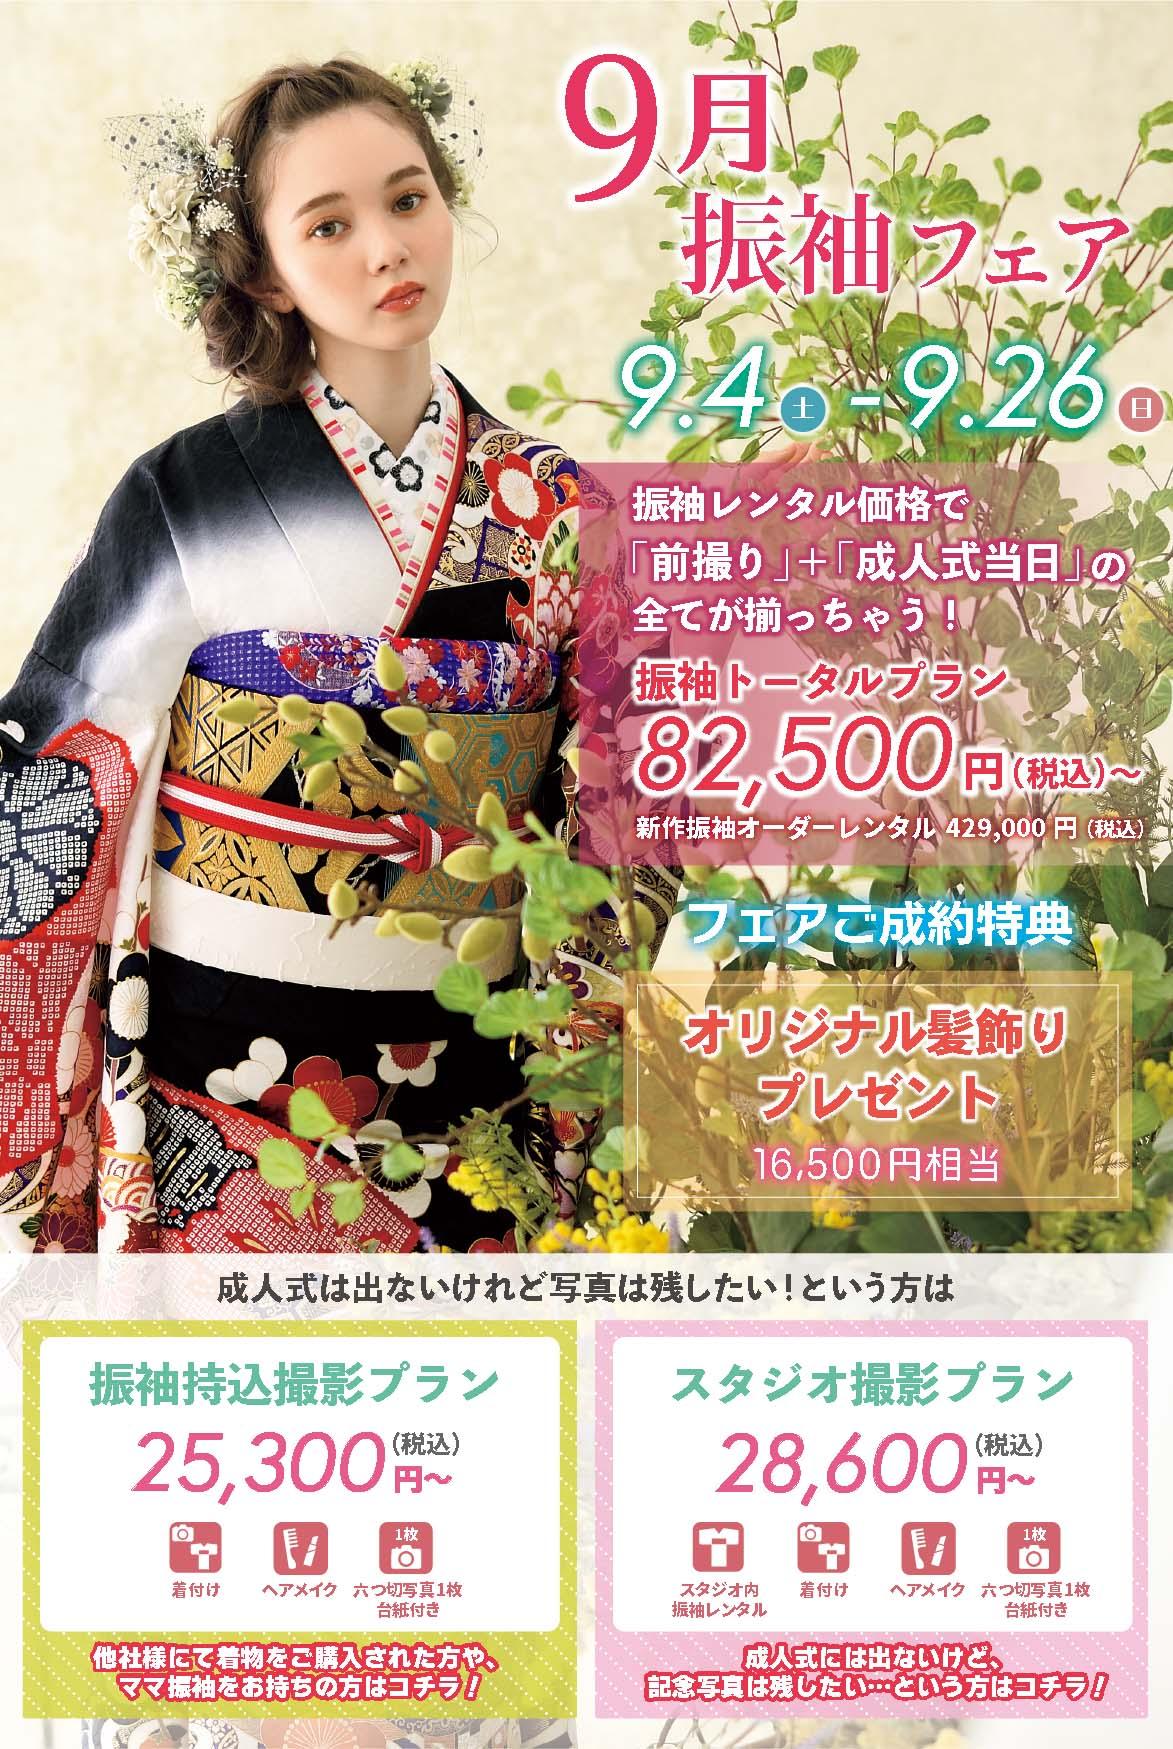 ふりそでもりの川崎店2021年9月振袖フェア